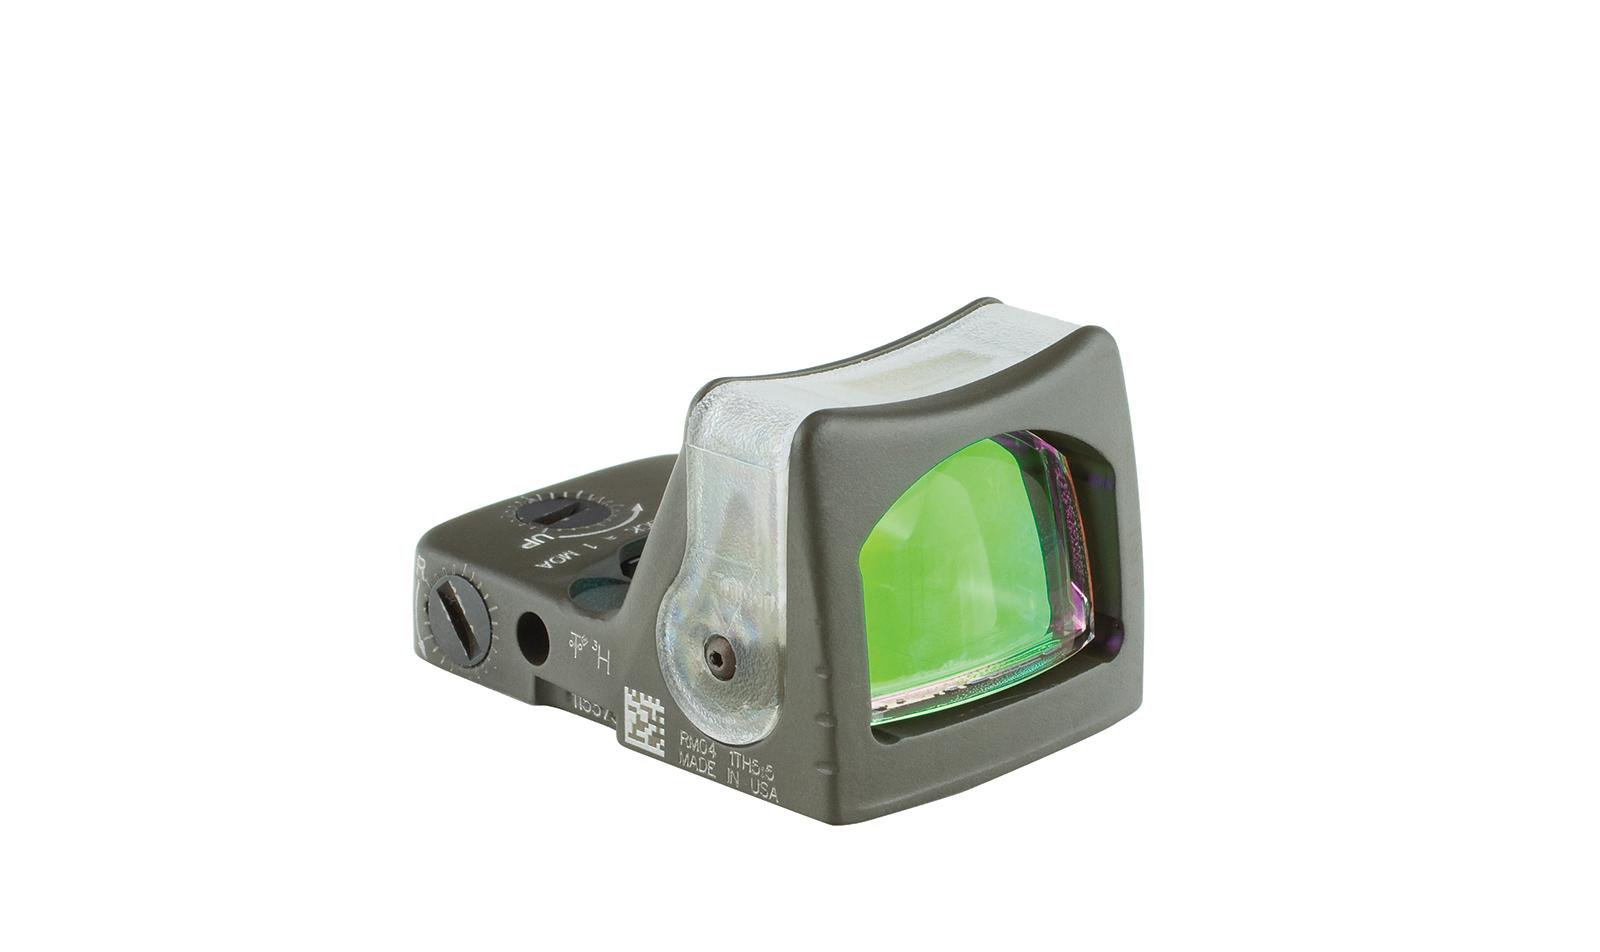 RM08-C-700281 angle 7